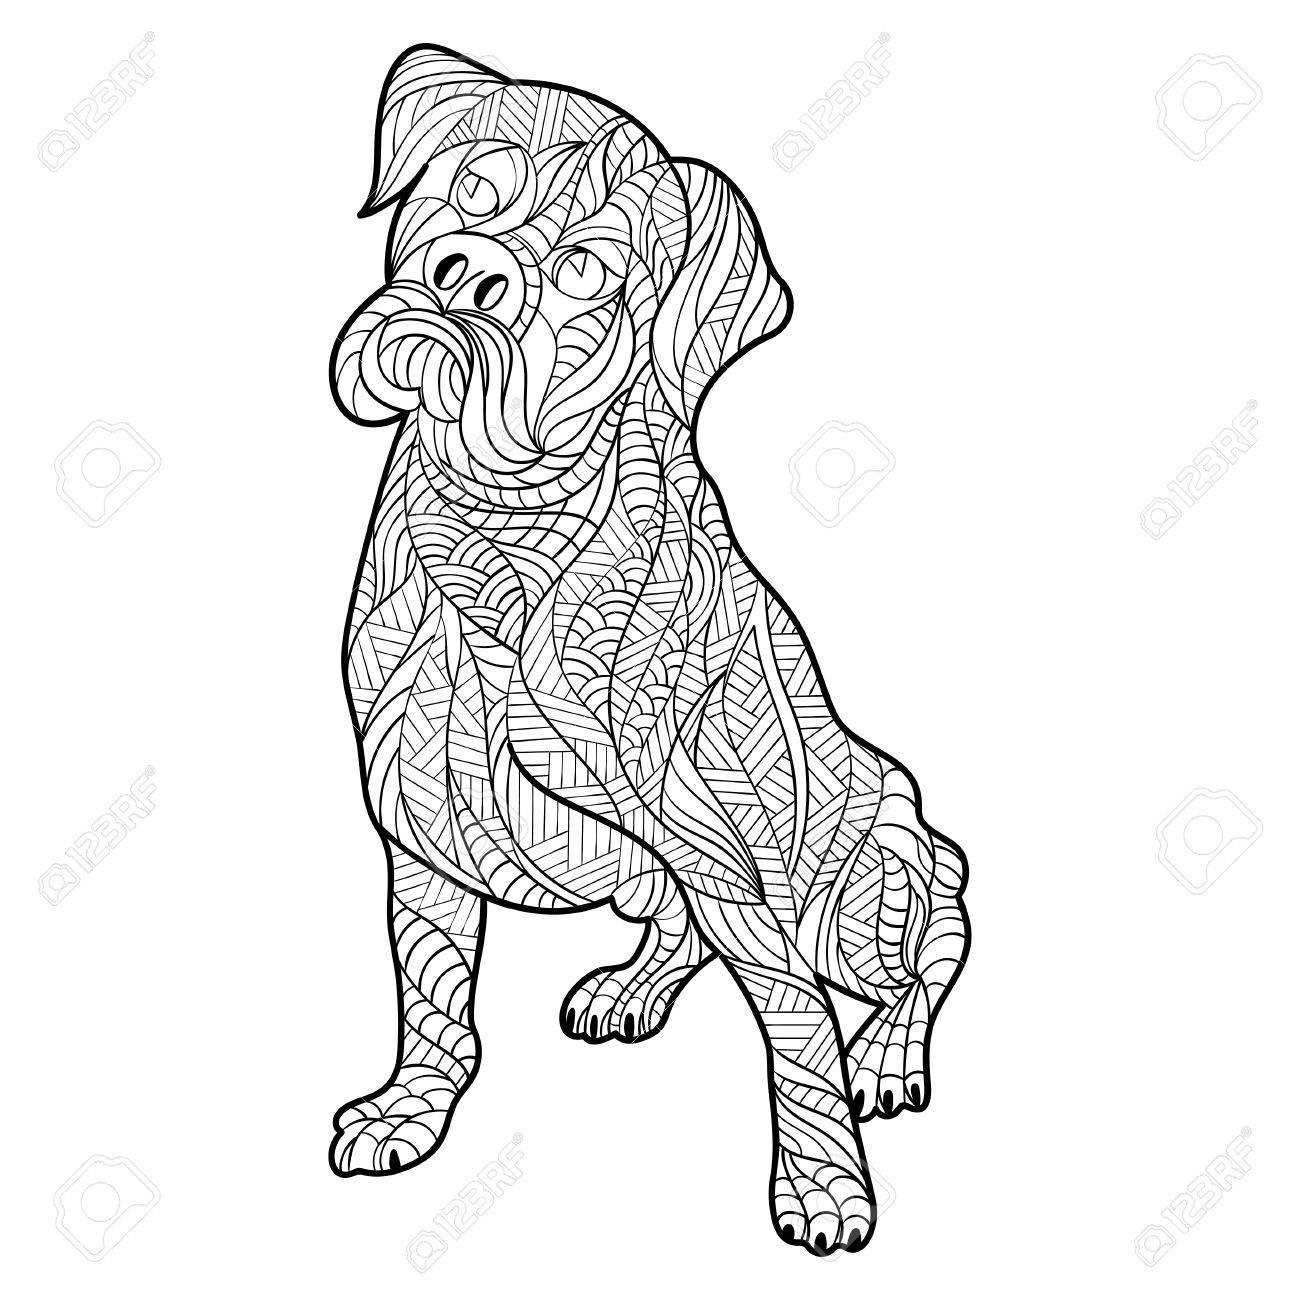 La Mano En Blanco Y Negro Del Vector Dibujado La Ilustración Zentagle De Perro Boxer Página Para Colorear Con Detalles Altos Aislados Sobre Fondo